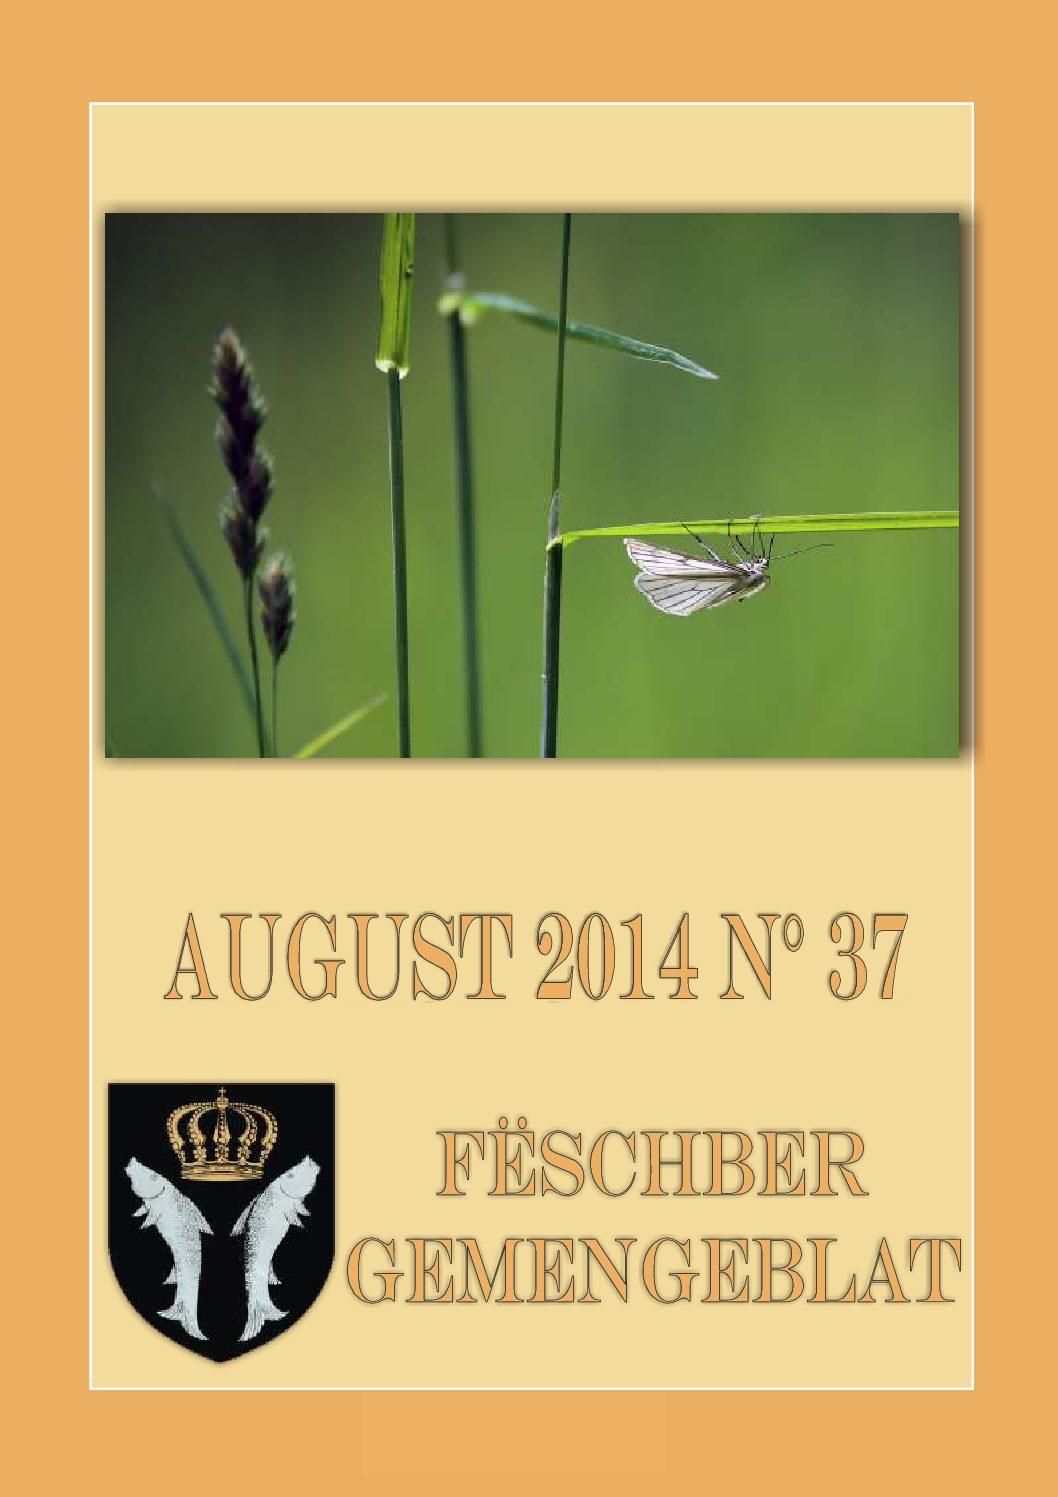 August 2014 Gemengeblat No. 37